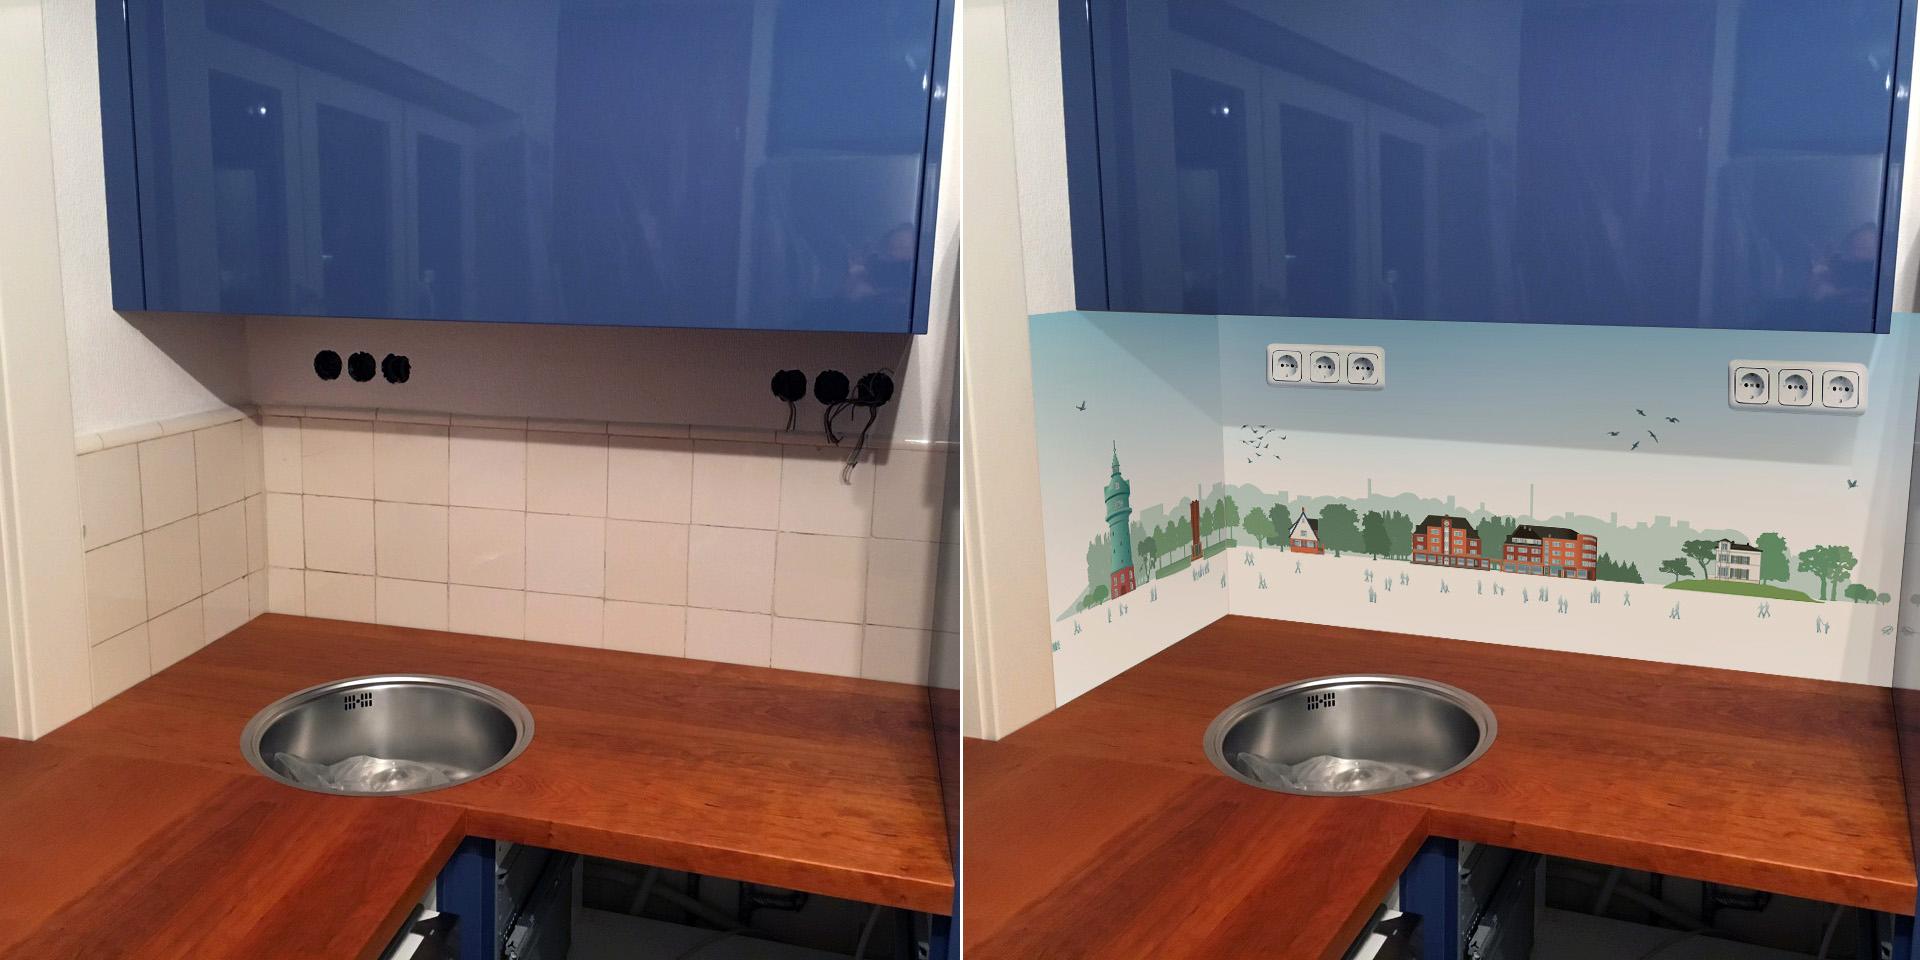 Vorher und Nachher des zweiteiligen Lokstedt Panorama Personal für die frisch renovierte Küche